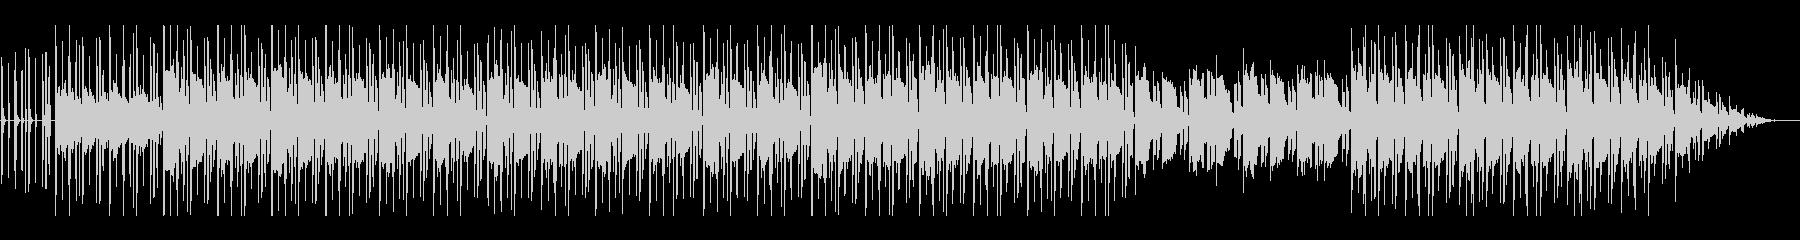 ほのぼのしたローファイ・チル・ビートの未再生の波形